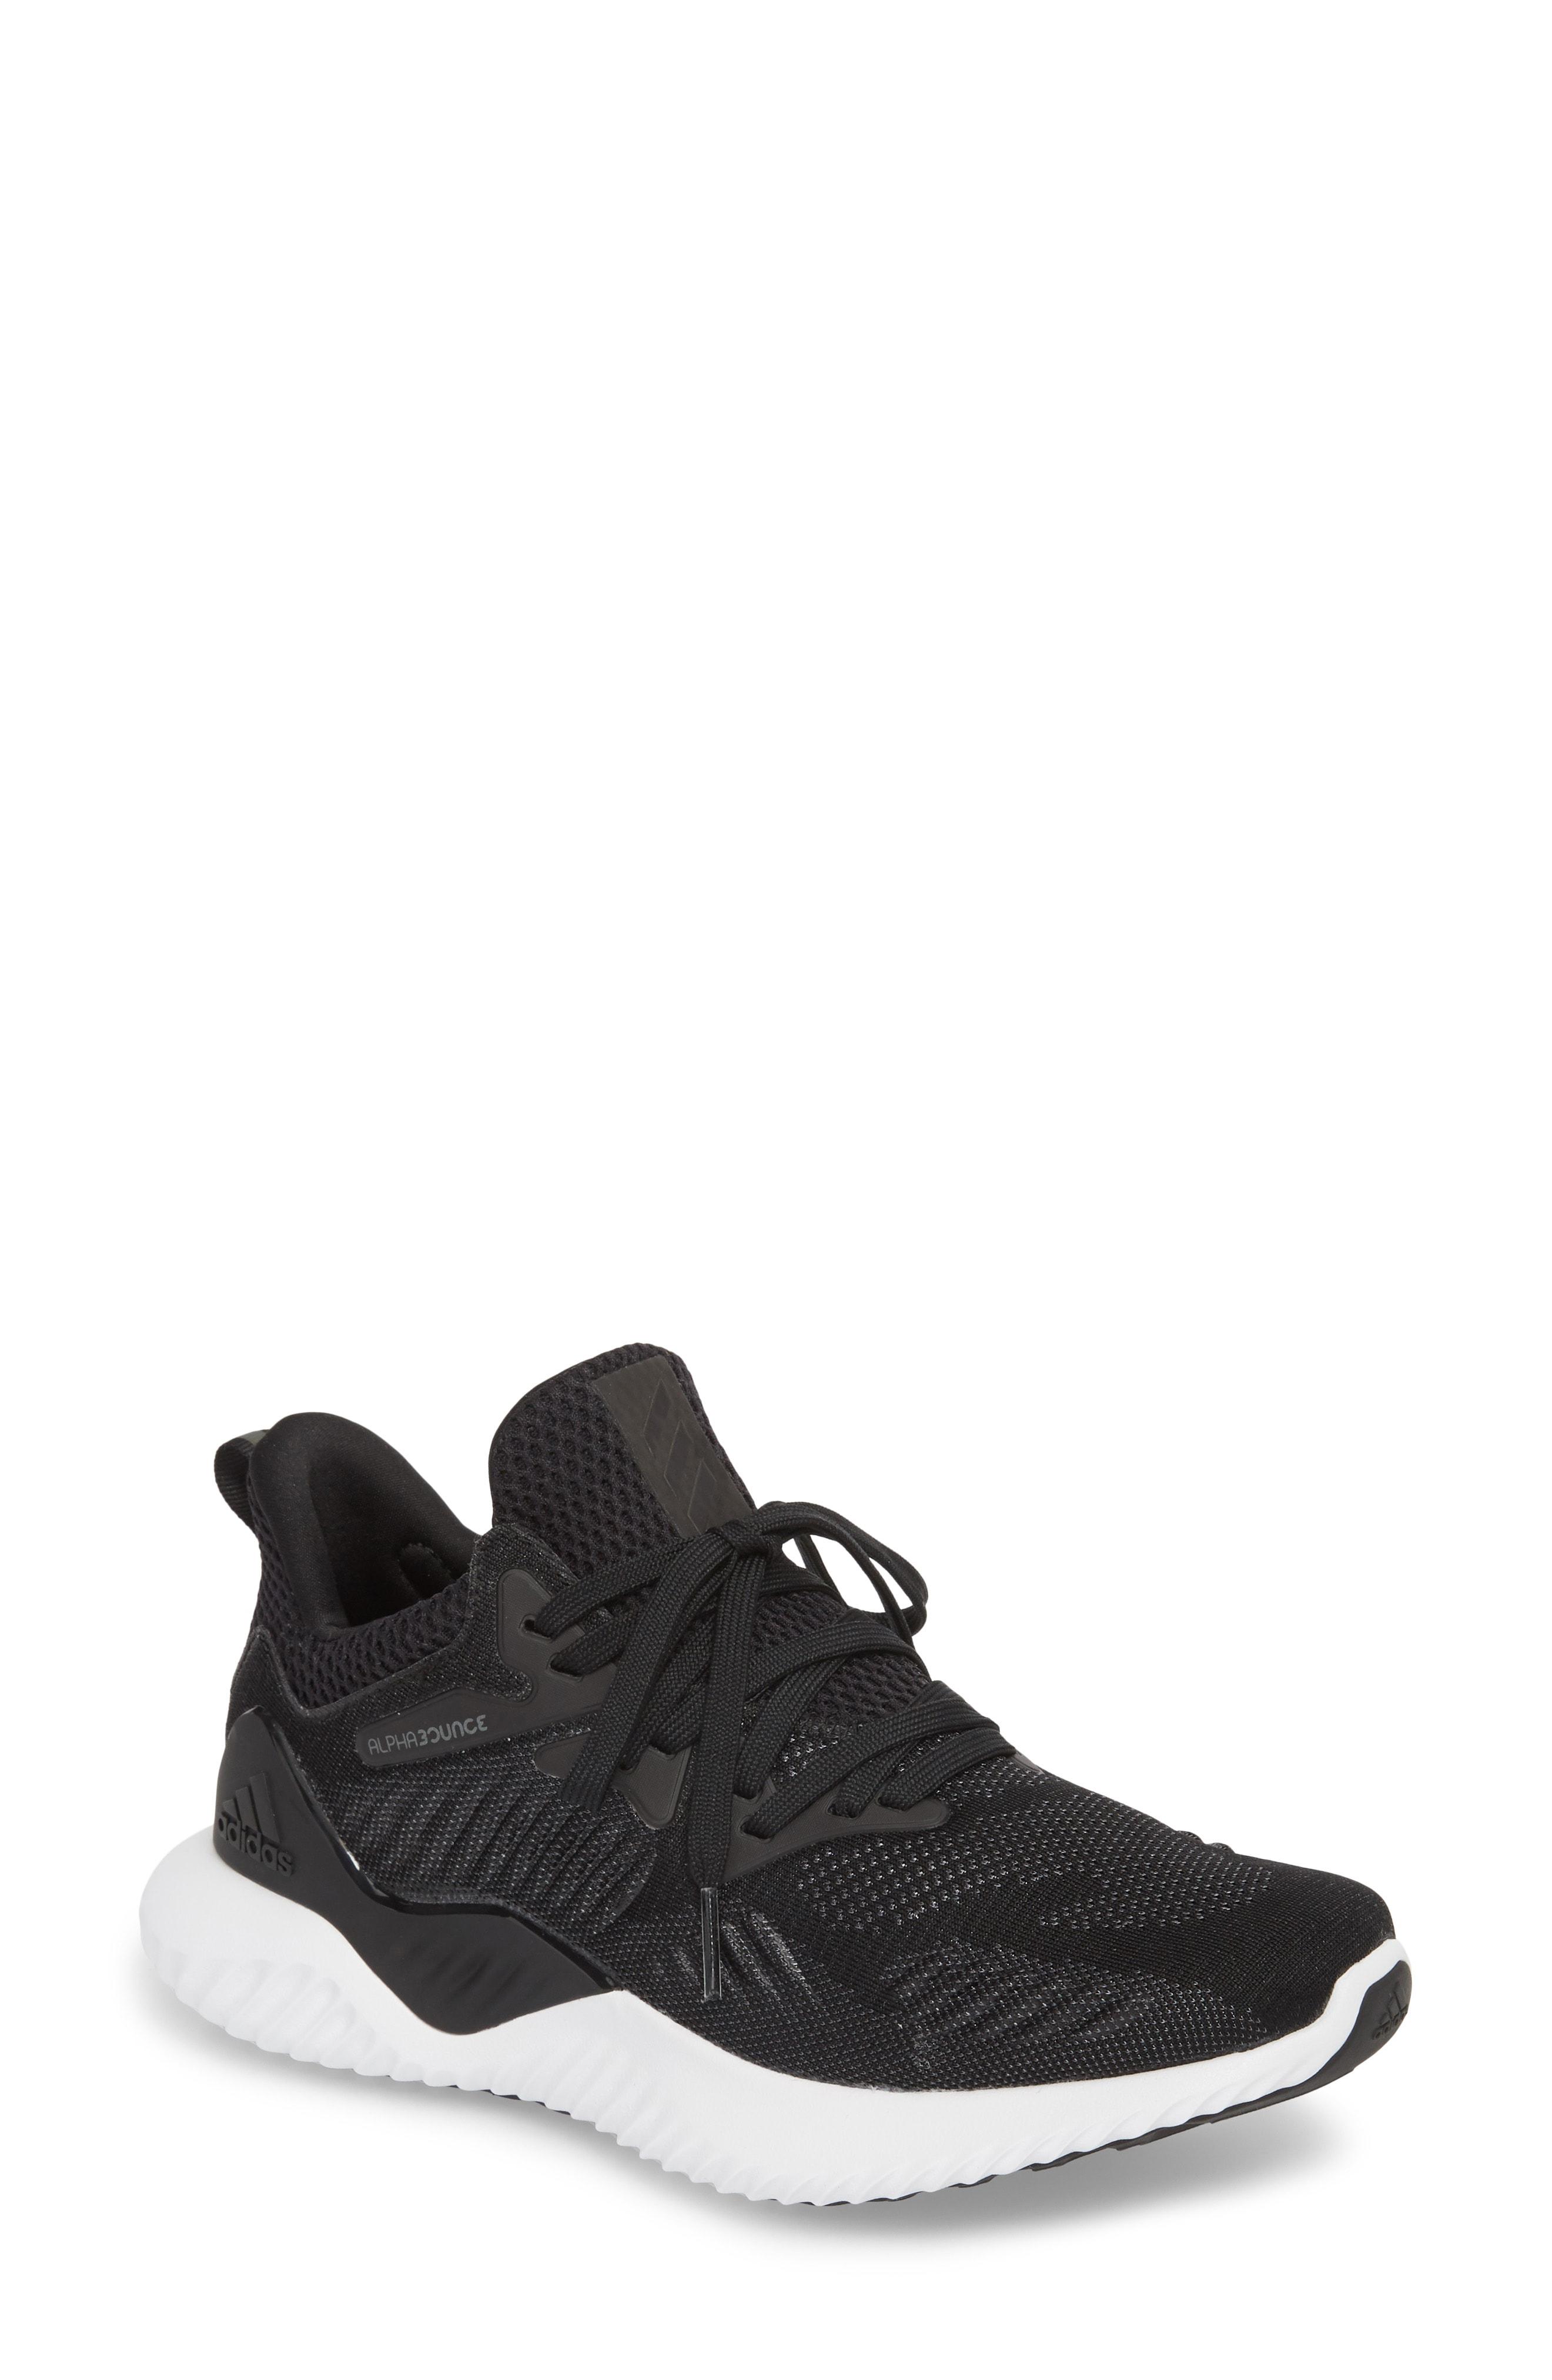 adidas AlphaBounce Beyond Knit Running Shoe (Women)